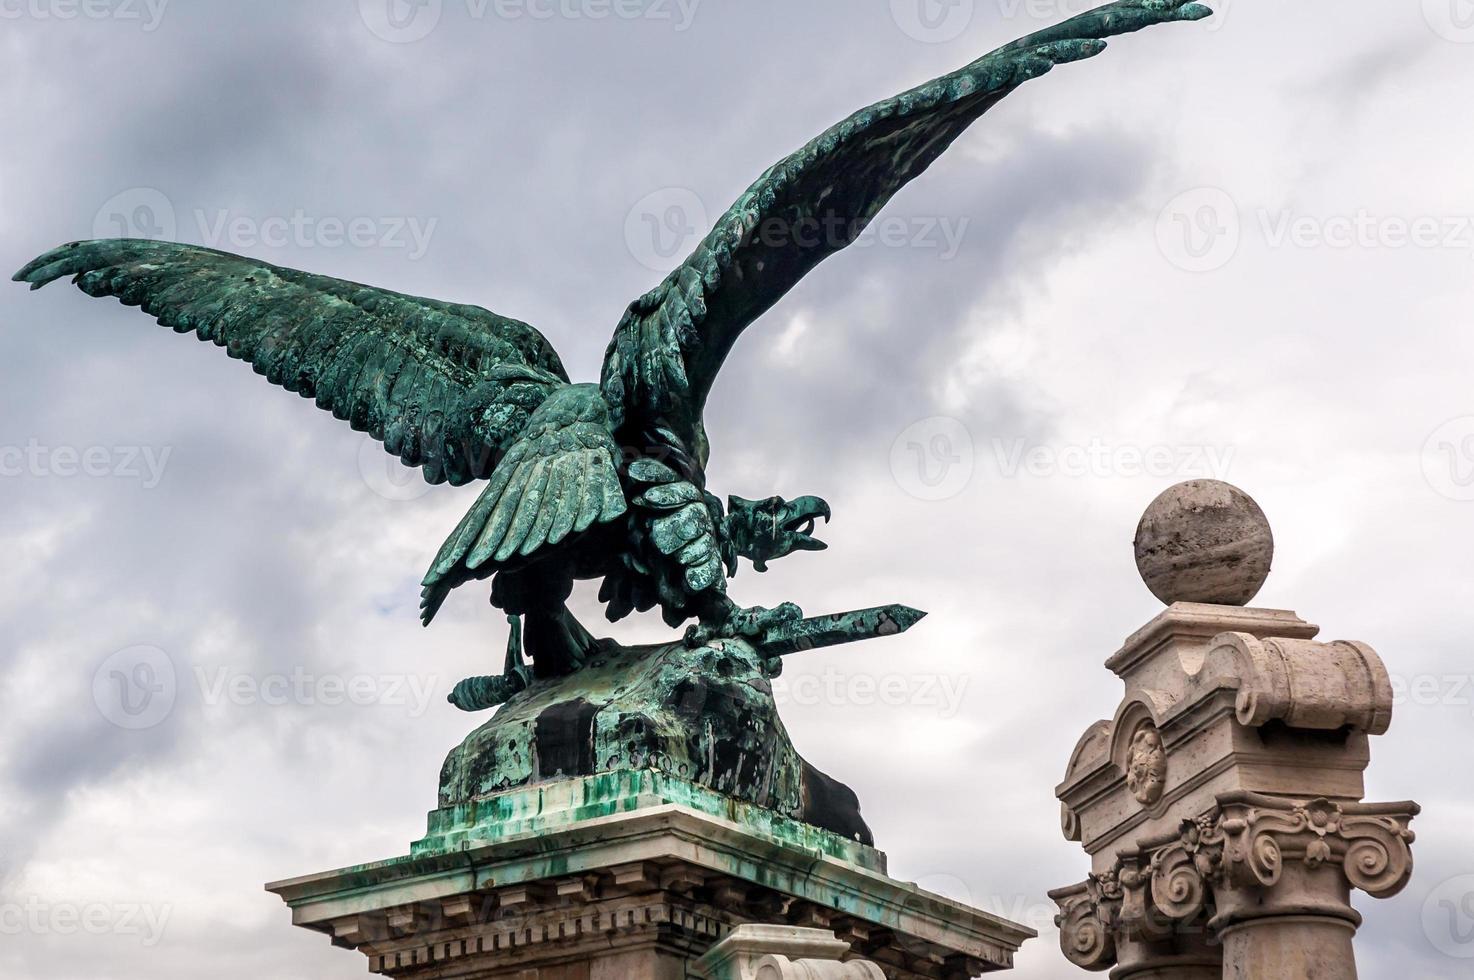 estátua de águia de bronze foto